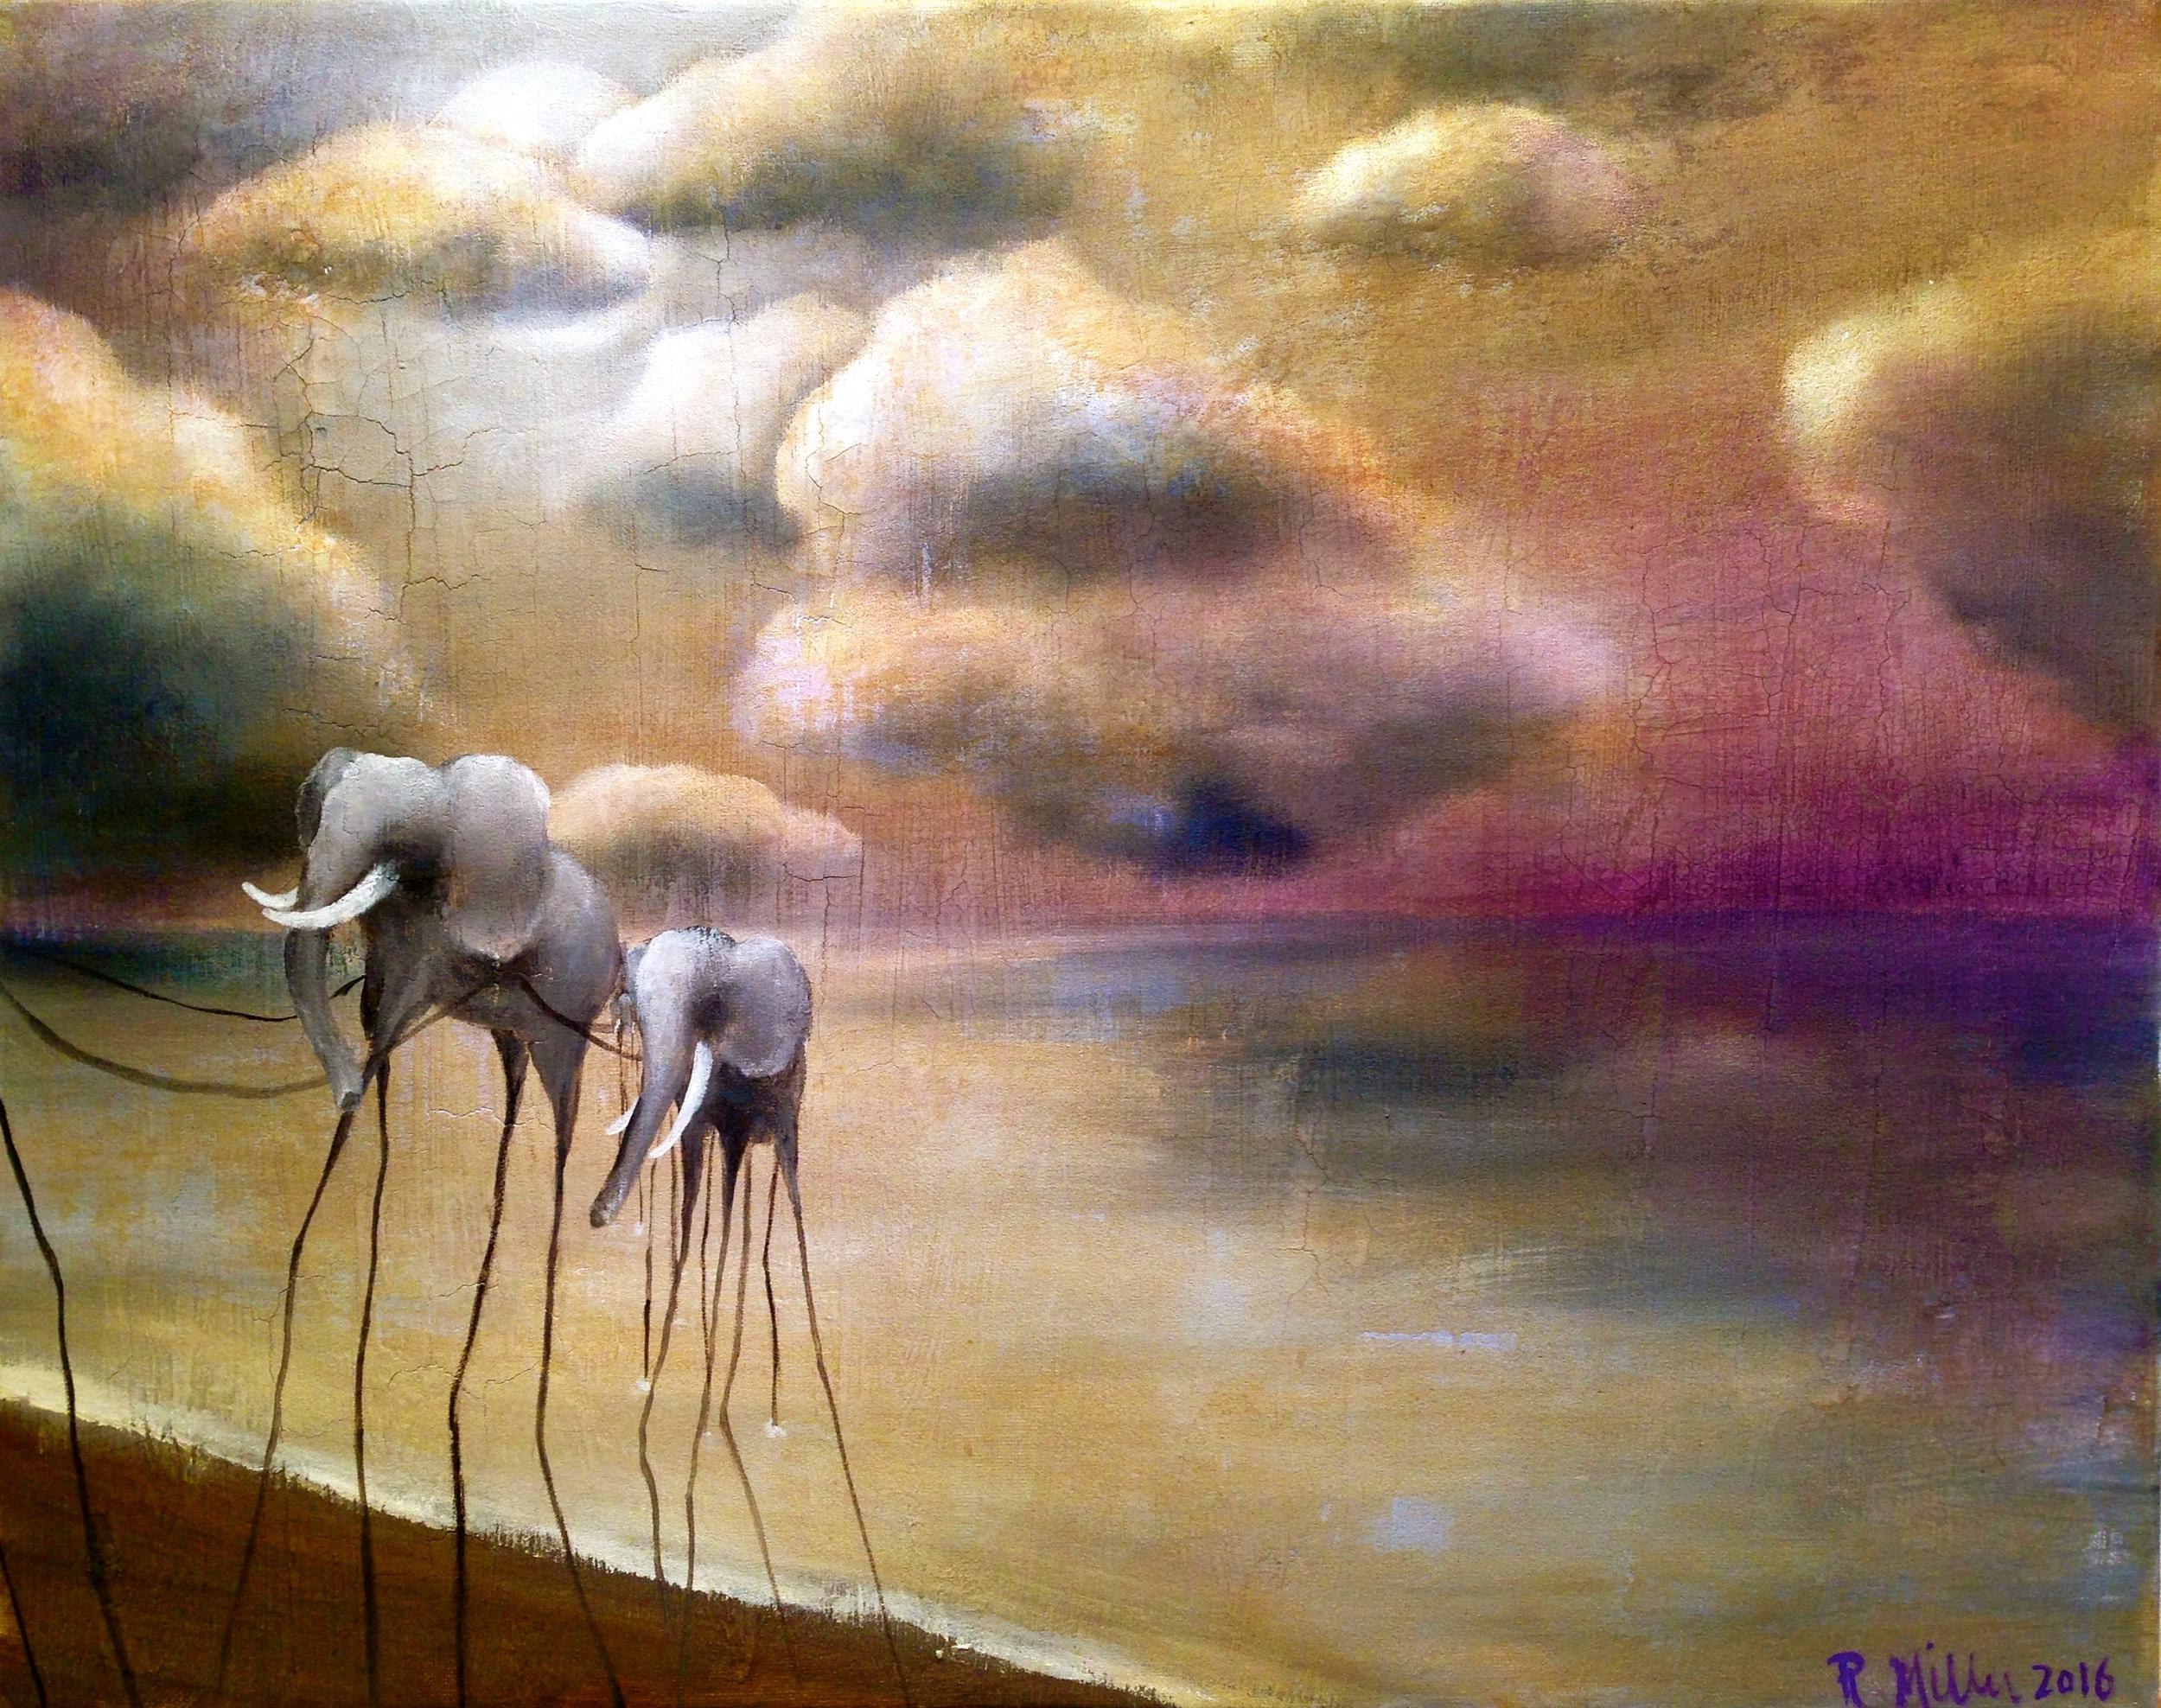 Surrealscapes — Rebecca Miller Art